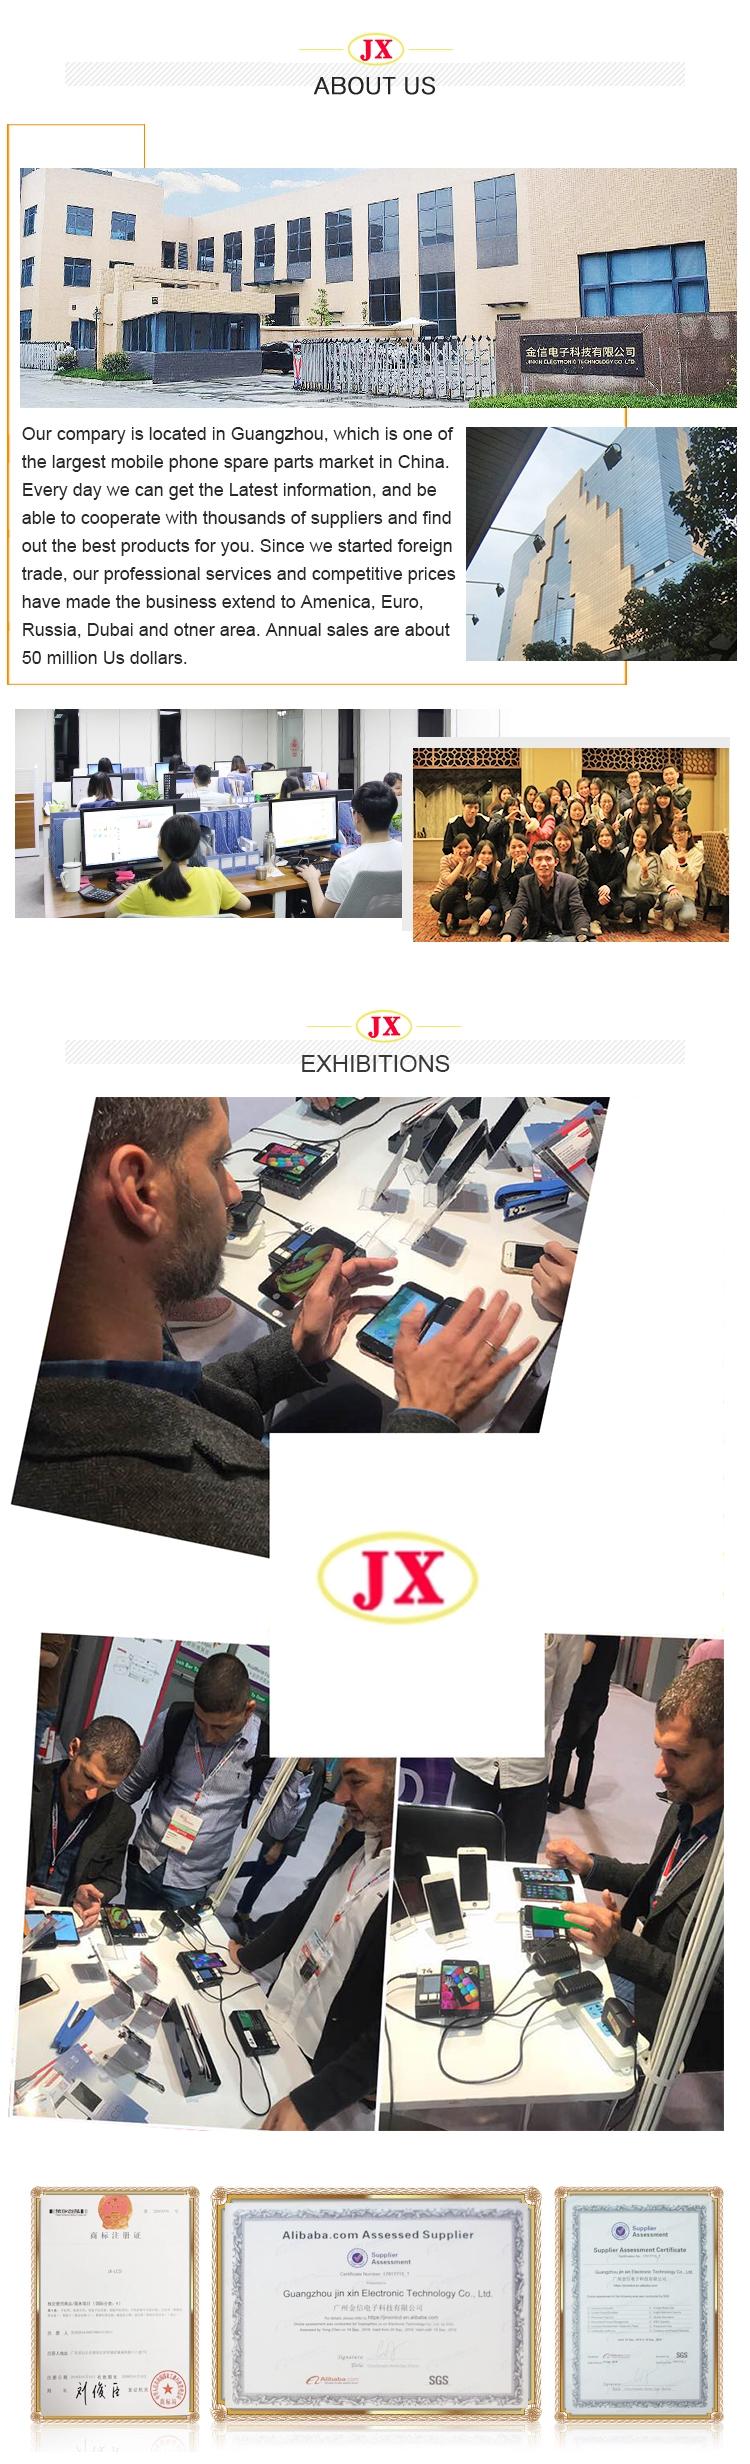 Painel LCD brandnew original do telefone móvel para o conjunto positivo da exposição do iphone 6